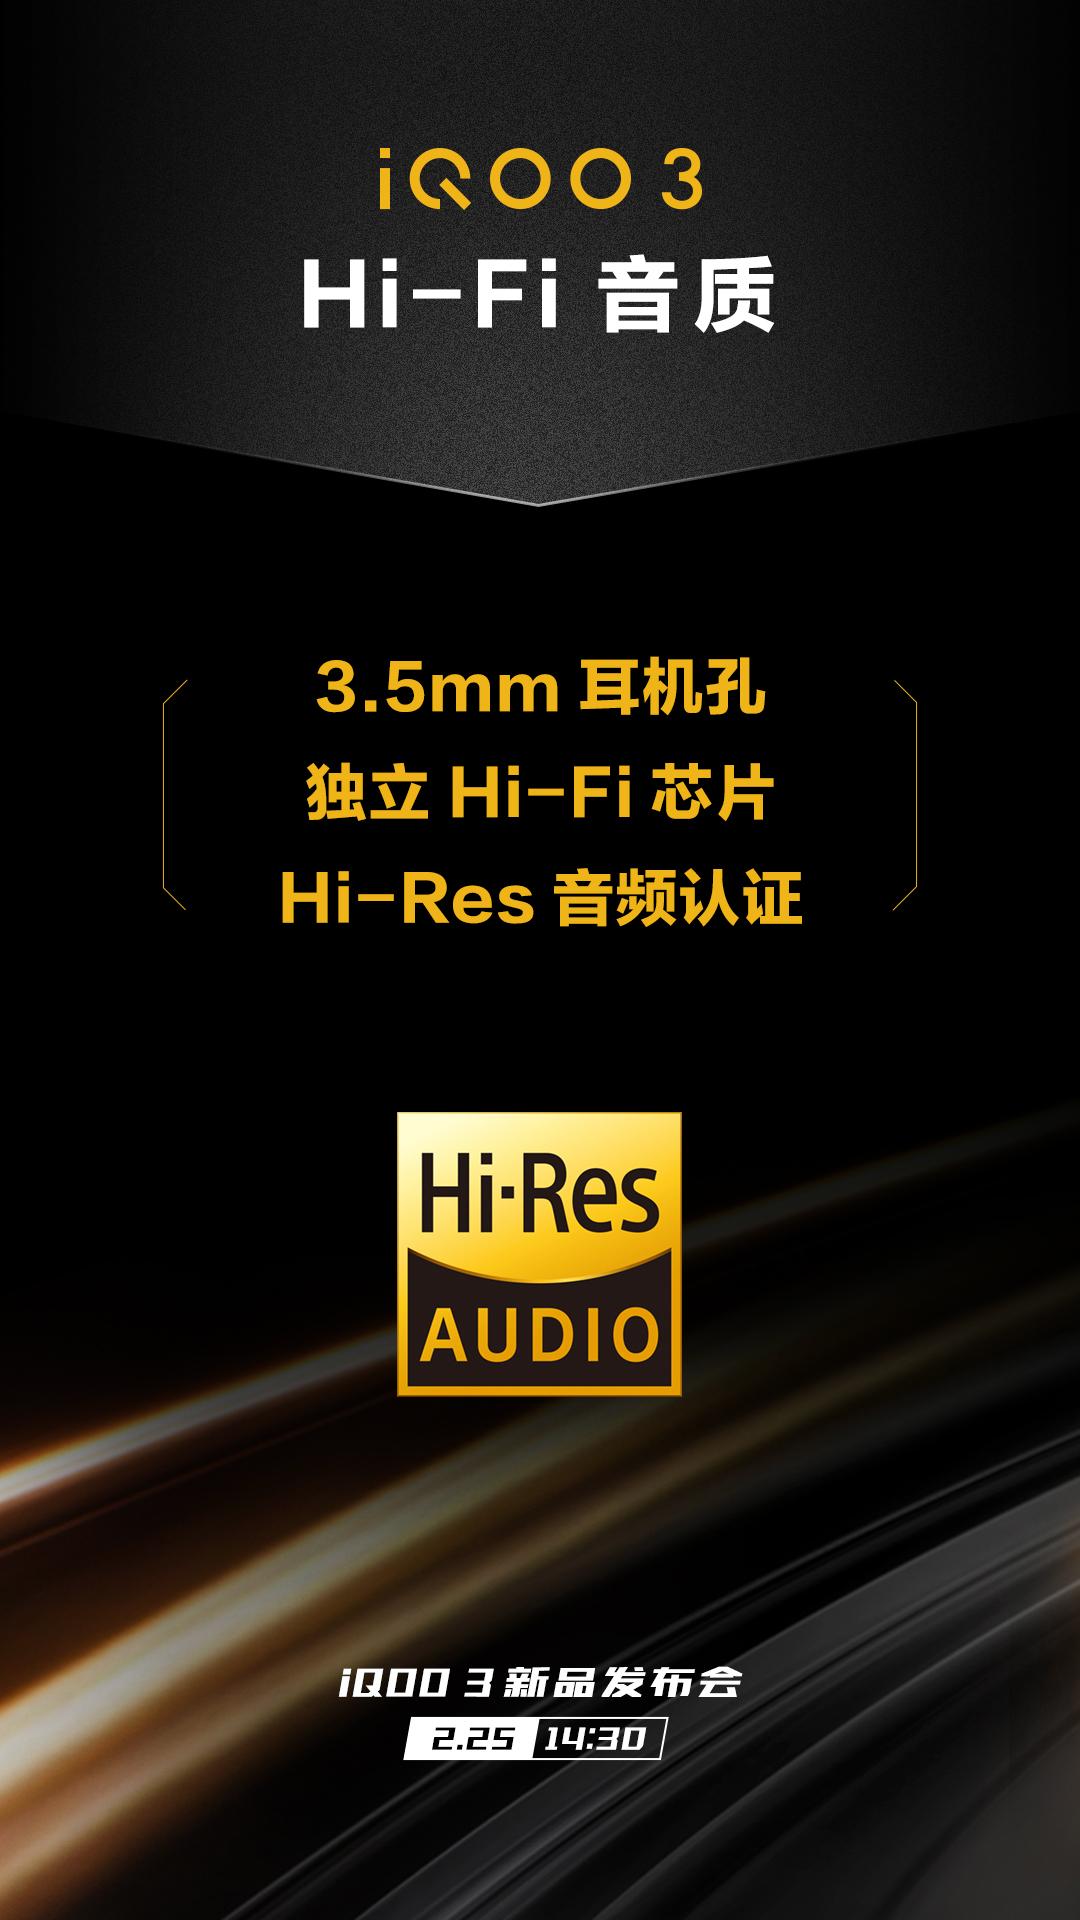 3.5mm耳機孔+獨立解碼芯片 iQOO 3聆聽Hi-Fi音質表現